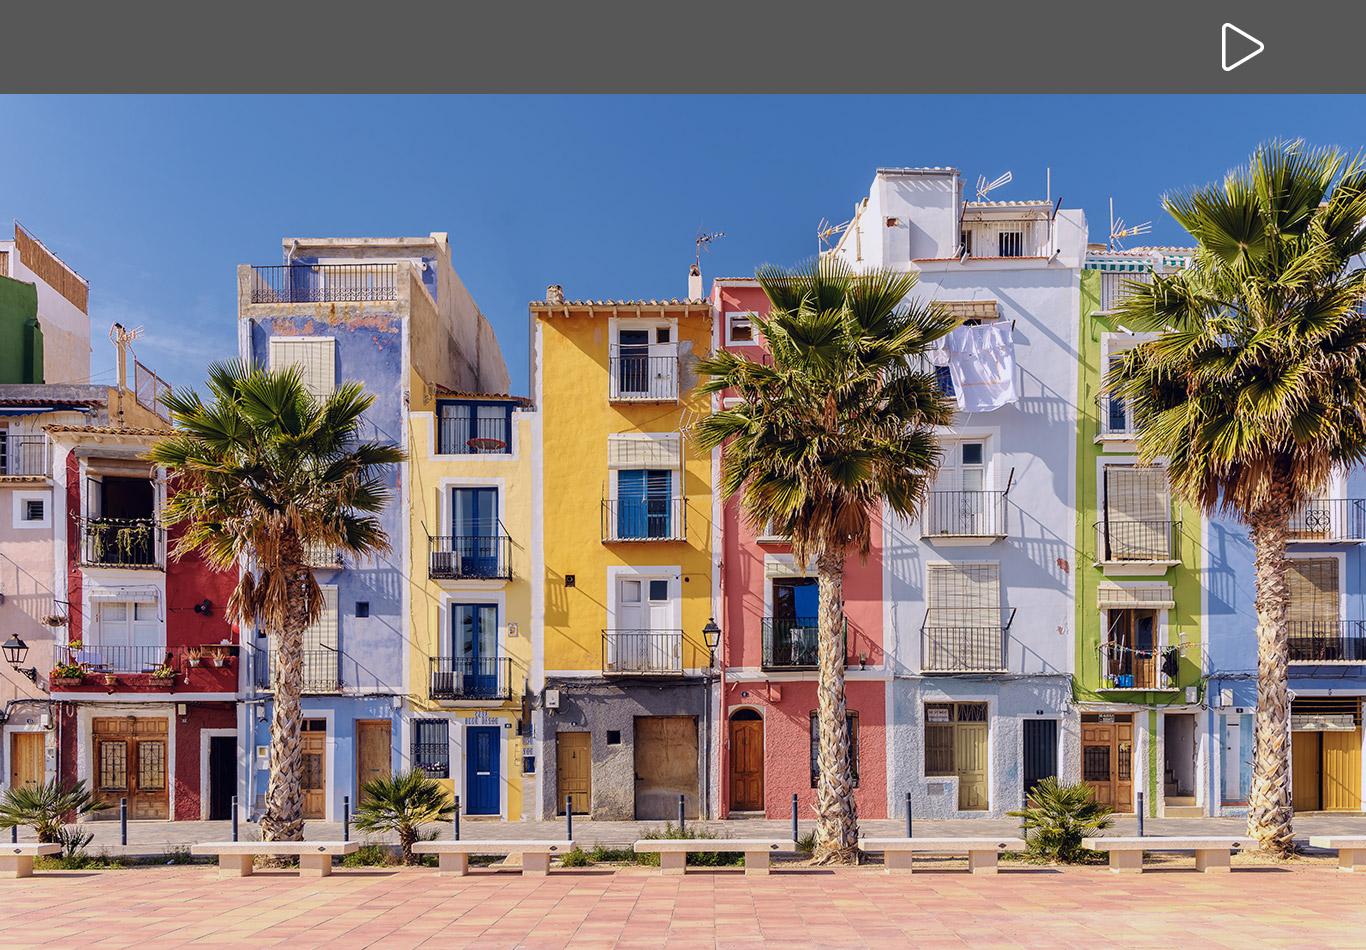 Webinar en directo - 27/10/21- 10h - Análisis previo a la captación - Especial Alicante